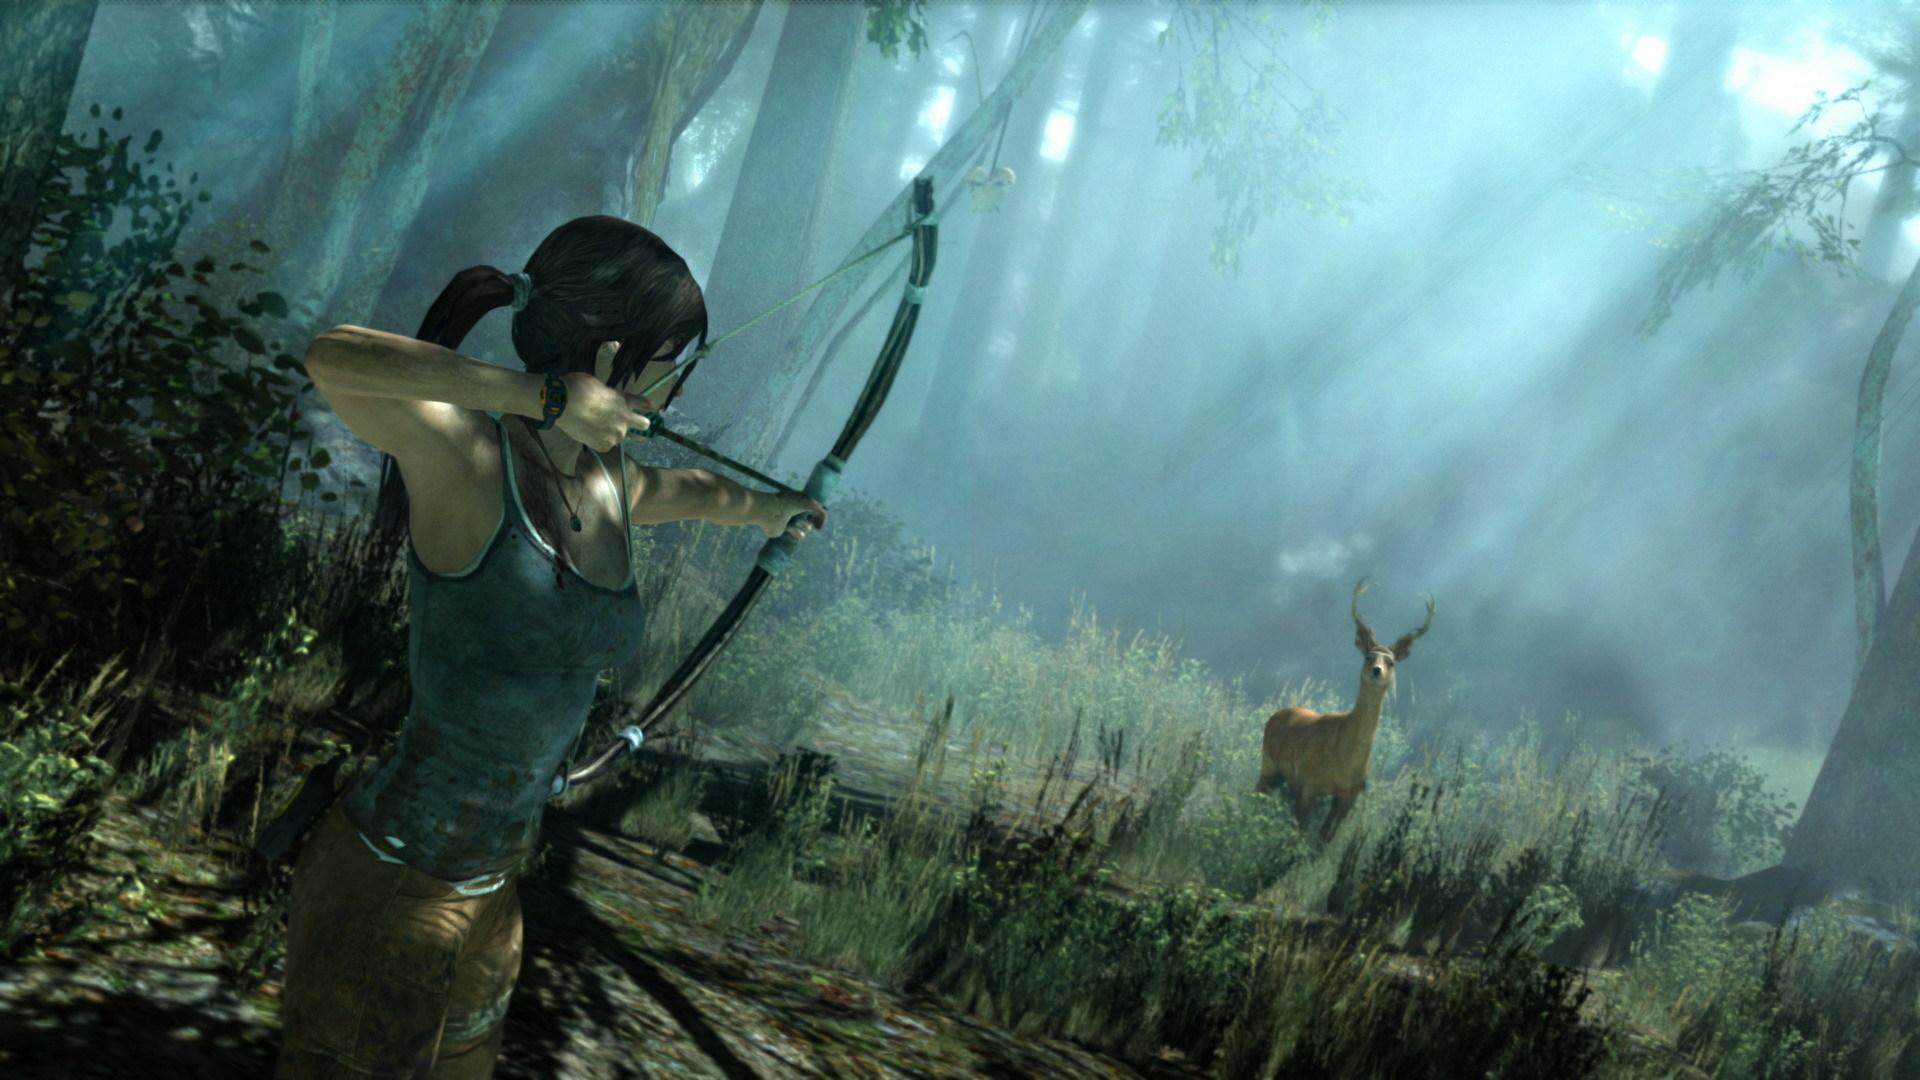 Боль и страдания - Рецензия на Tomb Raider (2013)Игру, если честно, ждал не особо, хотя, мне было интересно каким по ... - Изображение 2